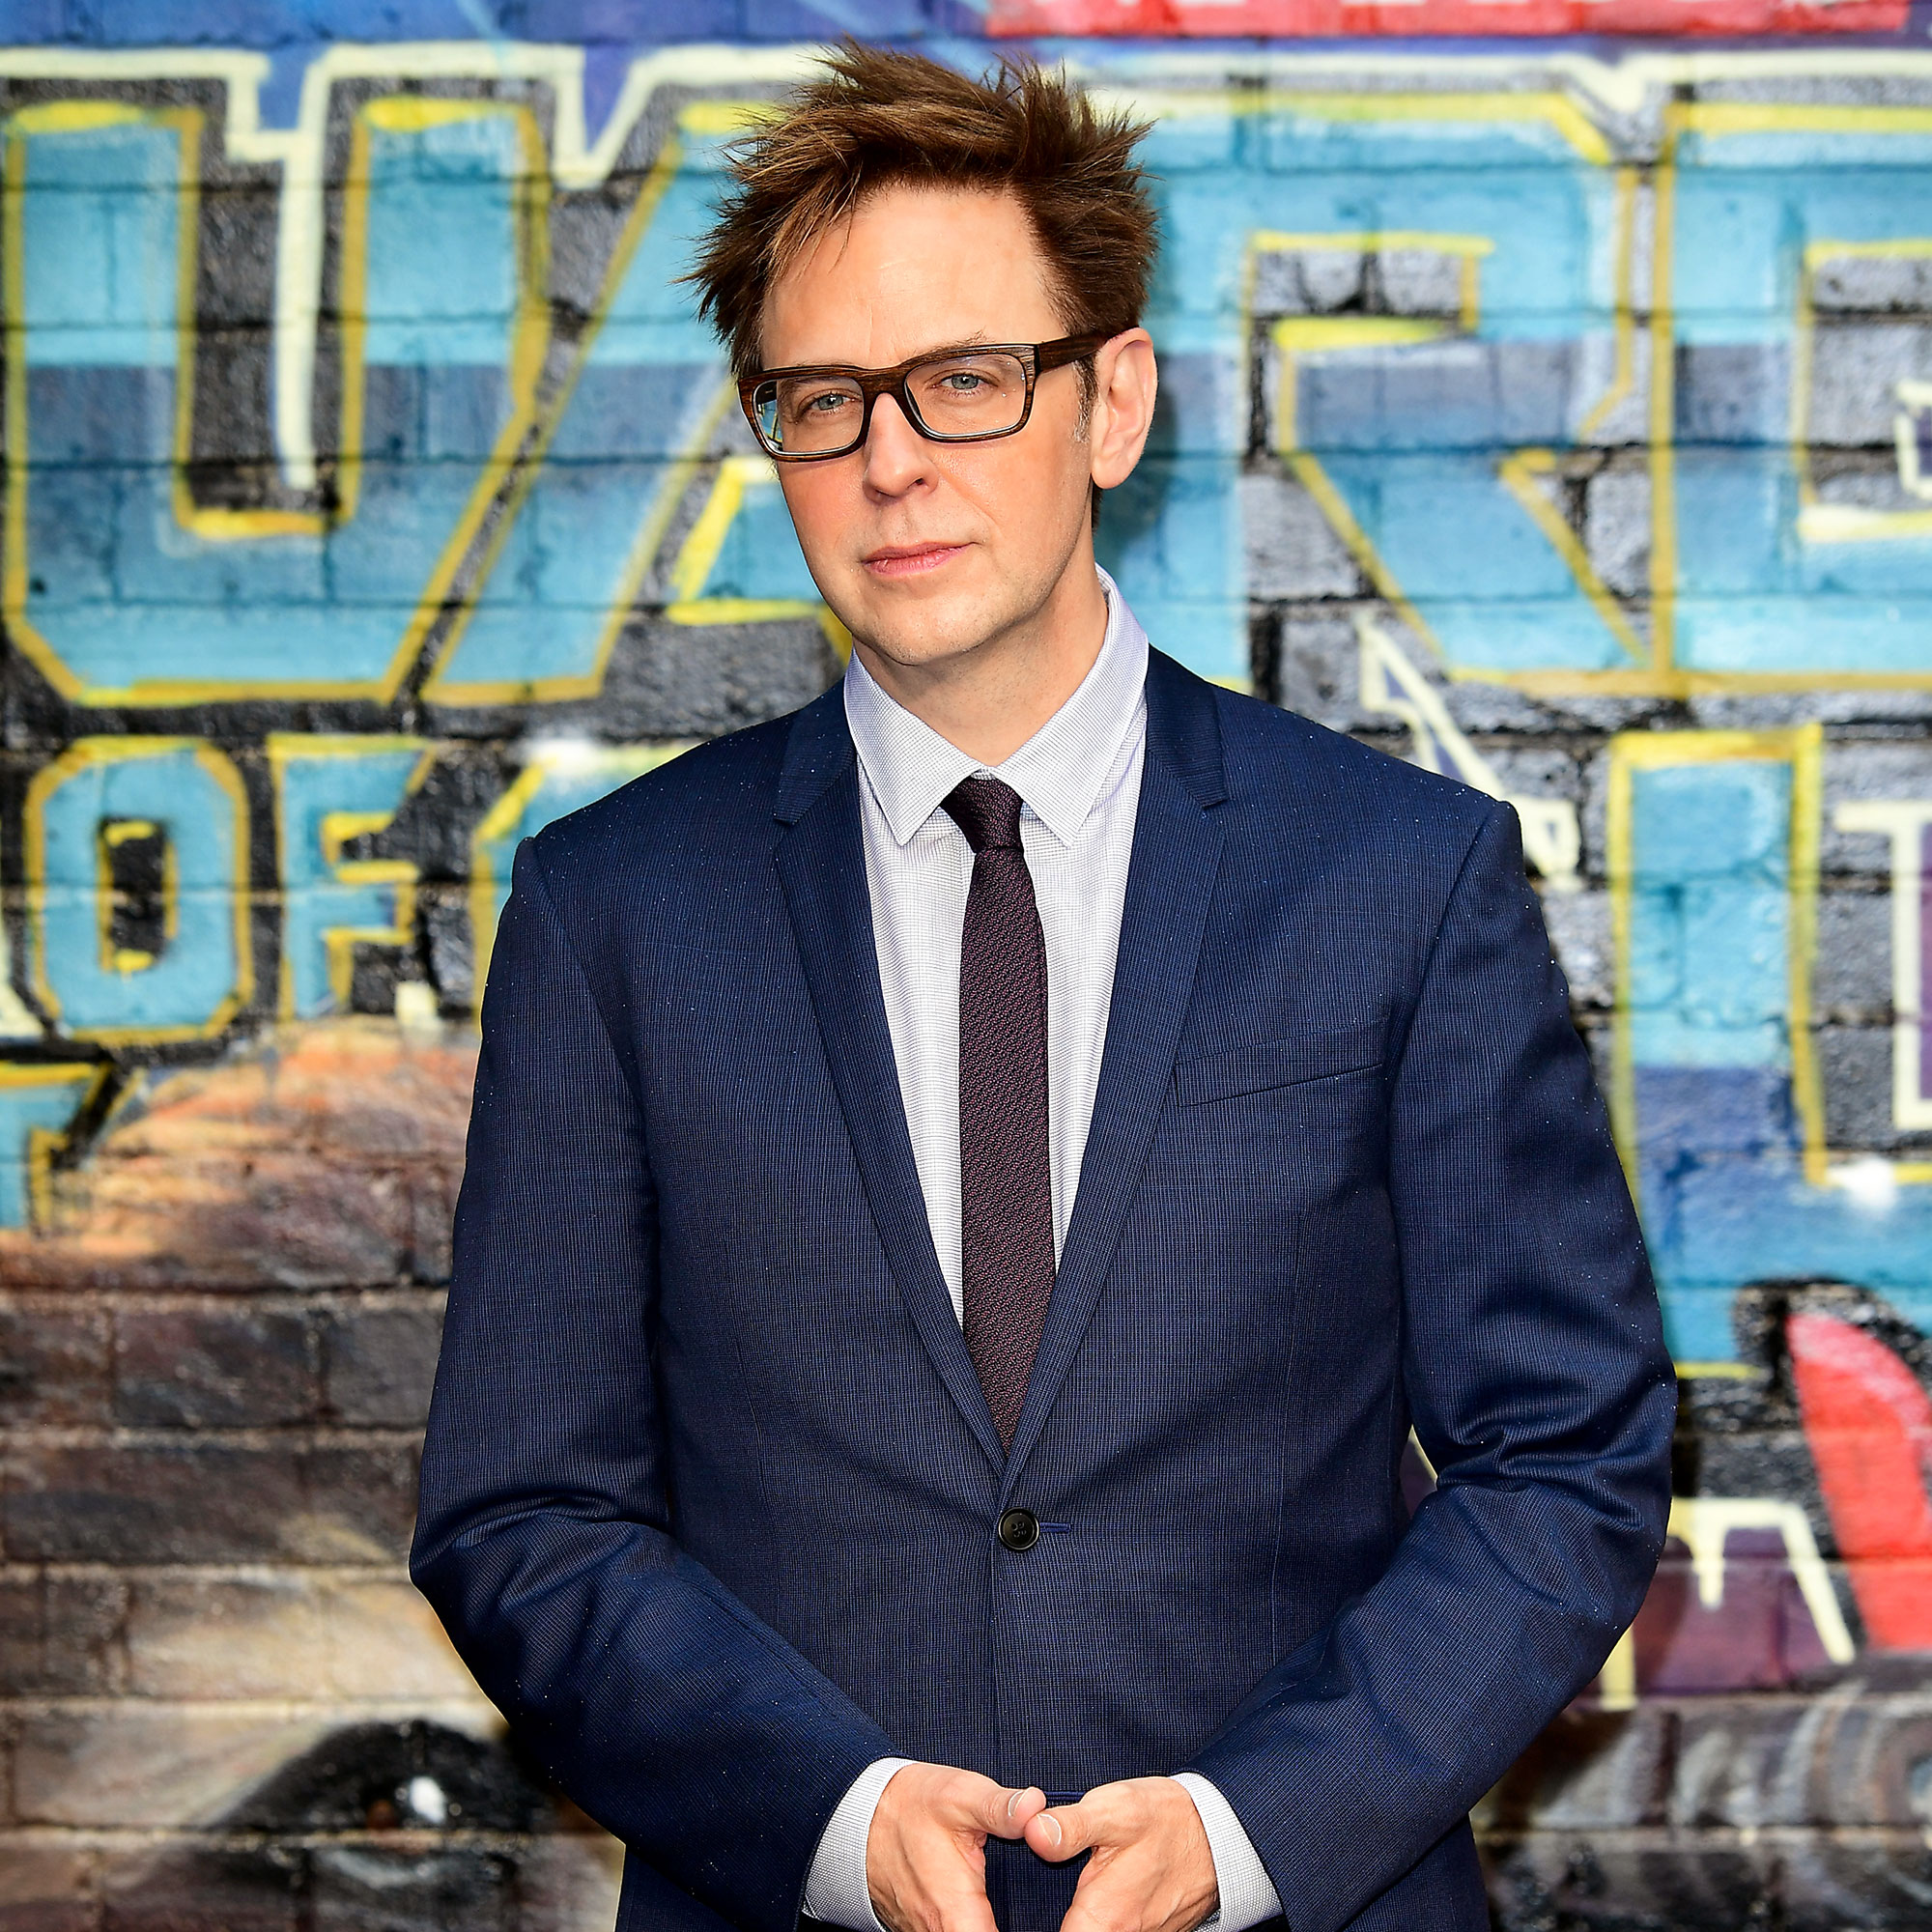 7e9d61fe1d1 James Gunn Fired as 'Guardians of the Galaxy 3' Director